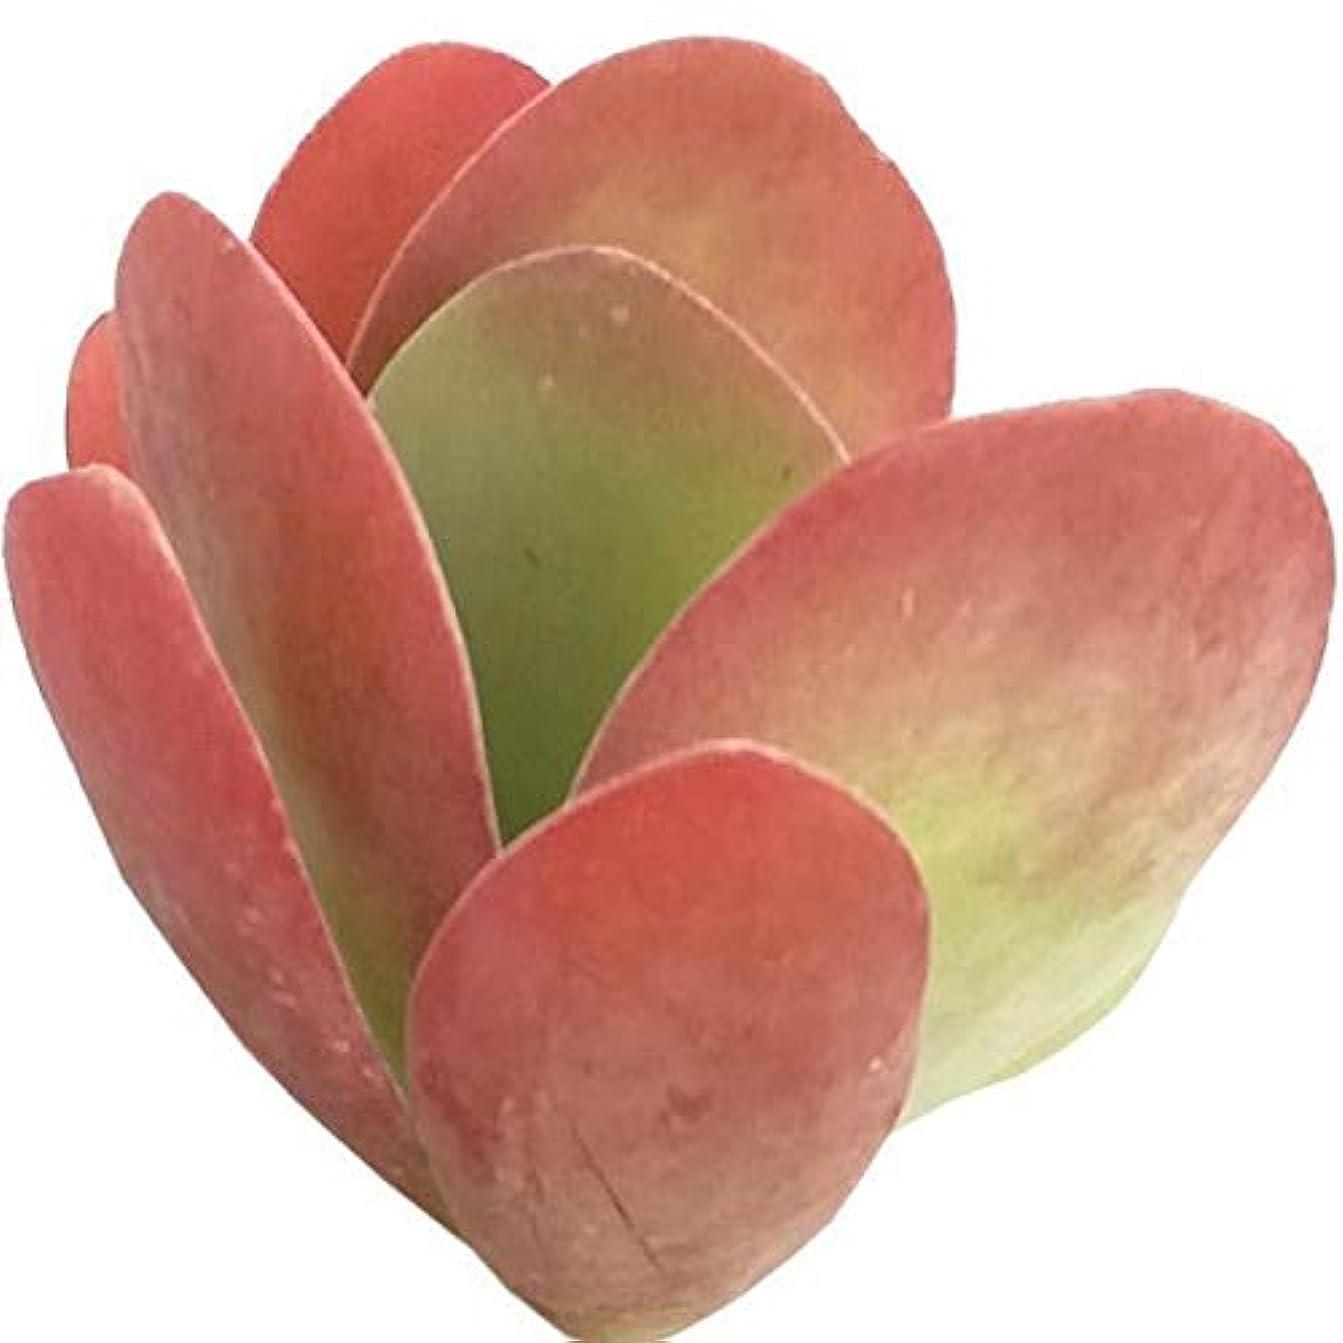 繰り返す蒸し器均等に4'' +クレイポット:カランコエフラップパドルプラントThyrsiflora多肉植物(2 'または4「」)